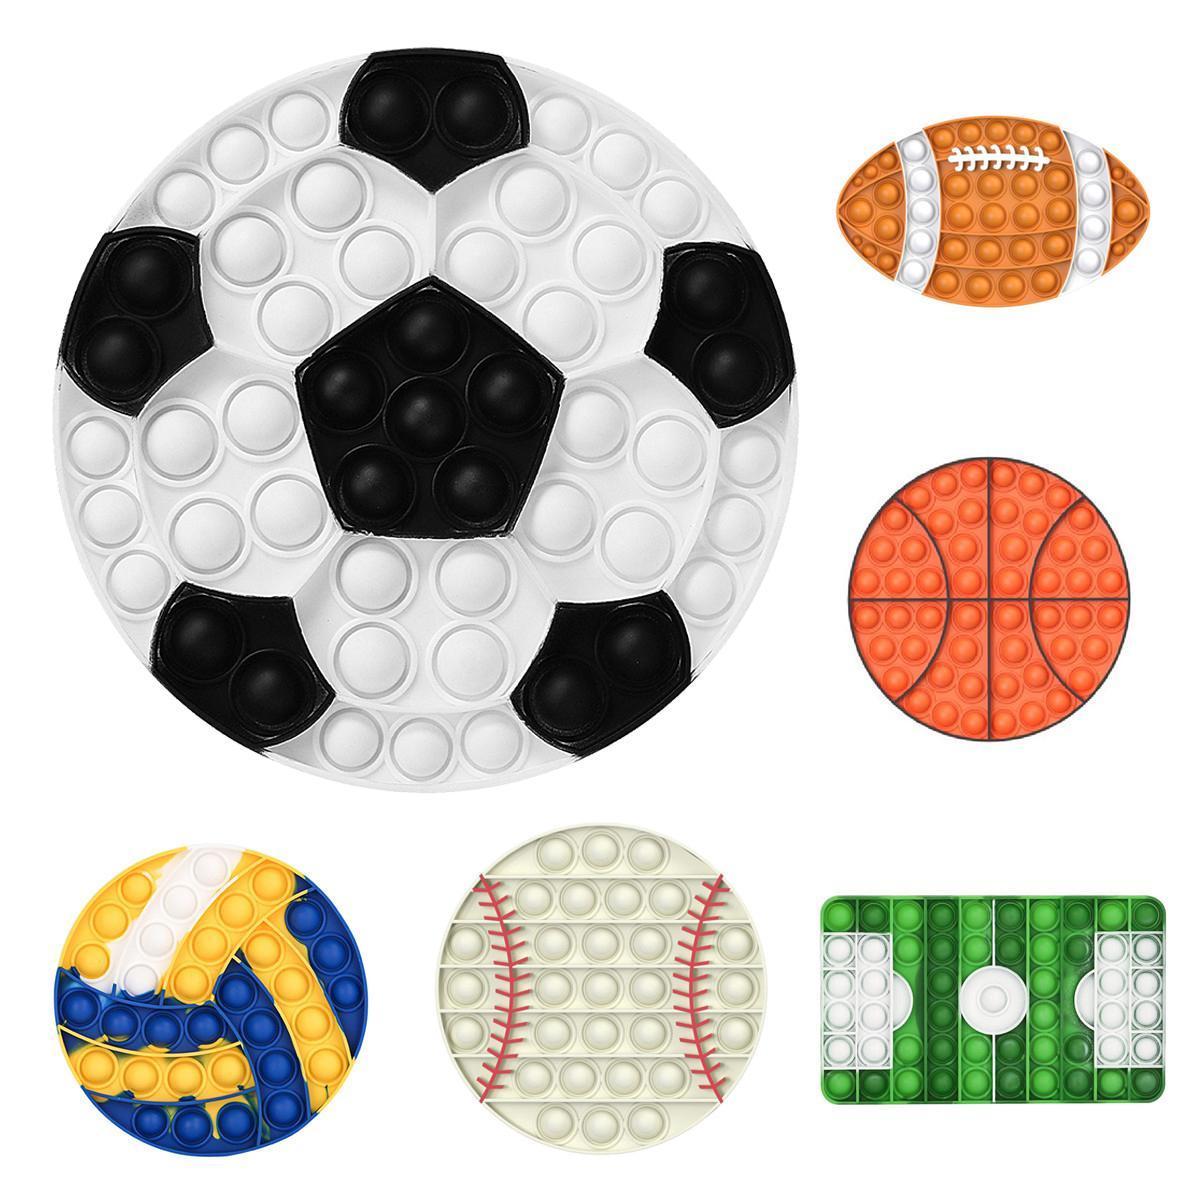 Noel Cadılar Bayramı Dekompresyon Oyuncaklar Pops Pops Fidget Topu Duyusal Oyuncak Renkli Oyun Futbol Basketbol Popper Kabarcık Parmak Çocuk Hediyeler için